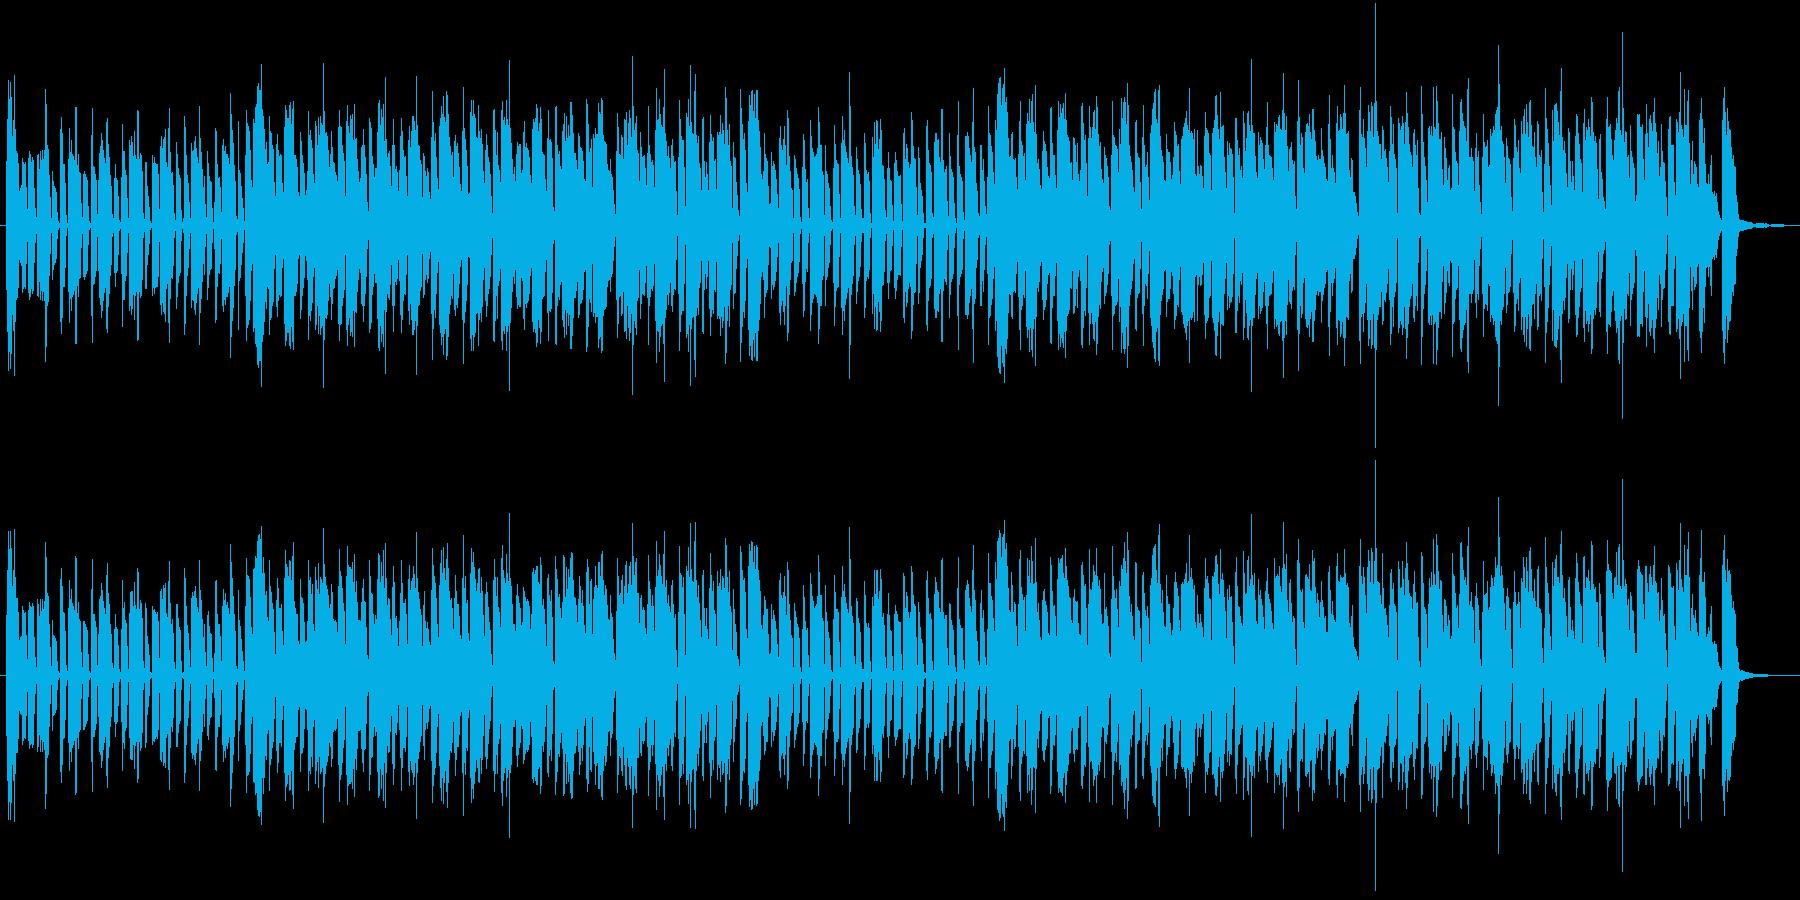 騒がしい日常系の音楽の再生済みの波形